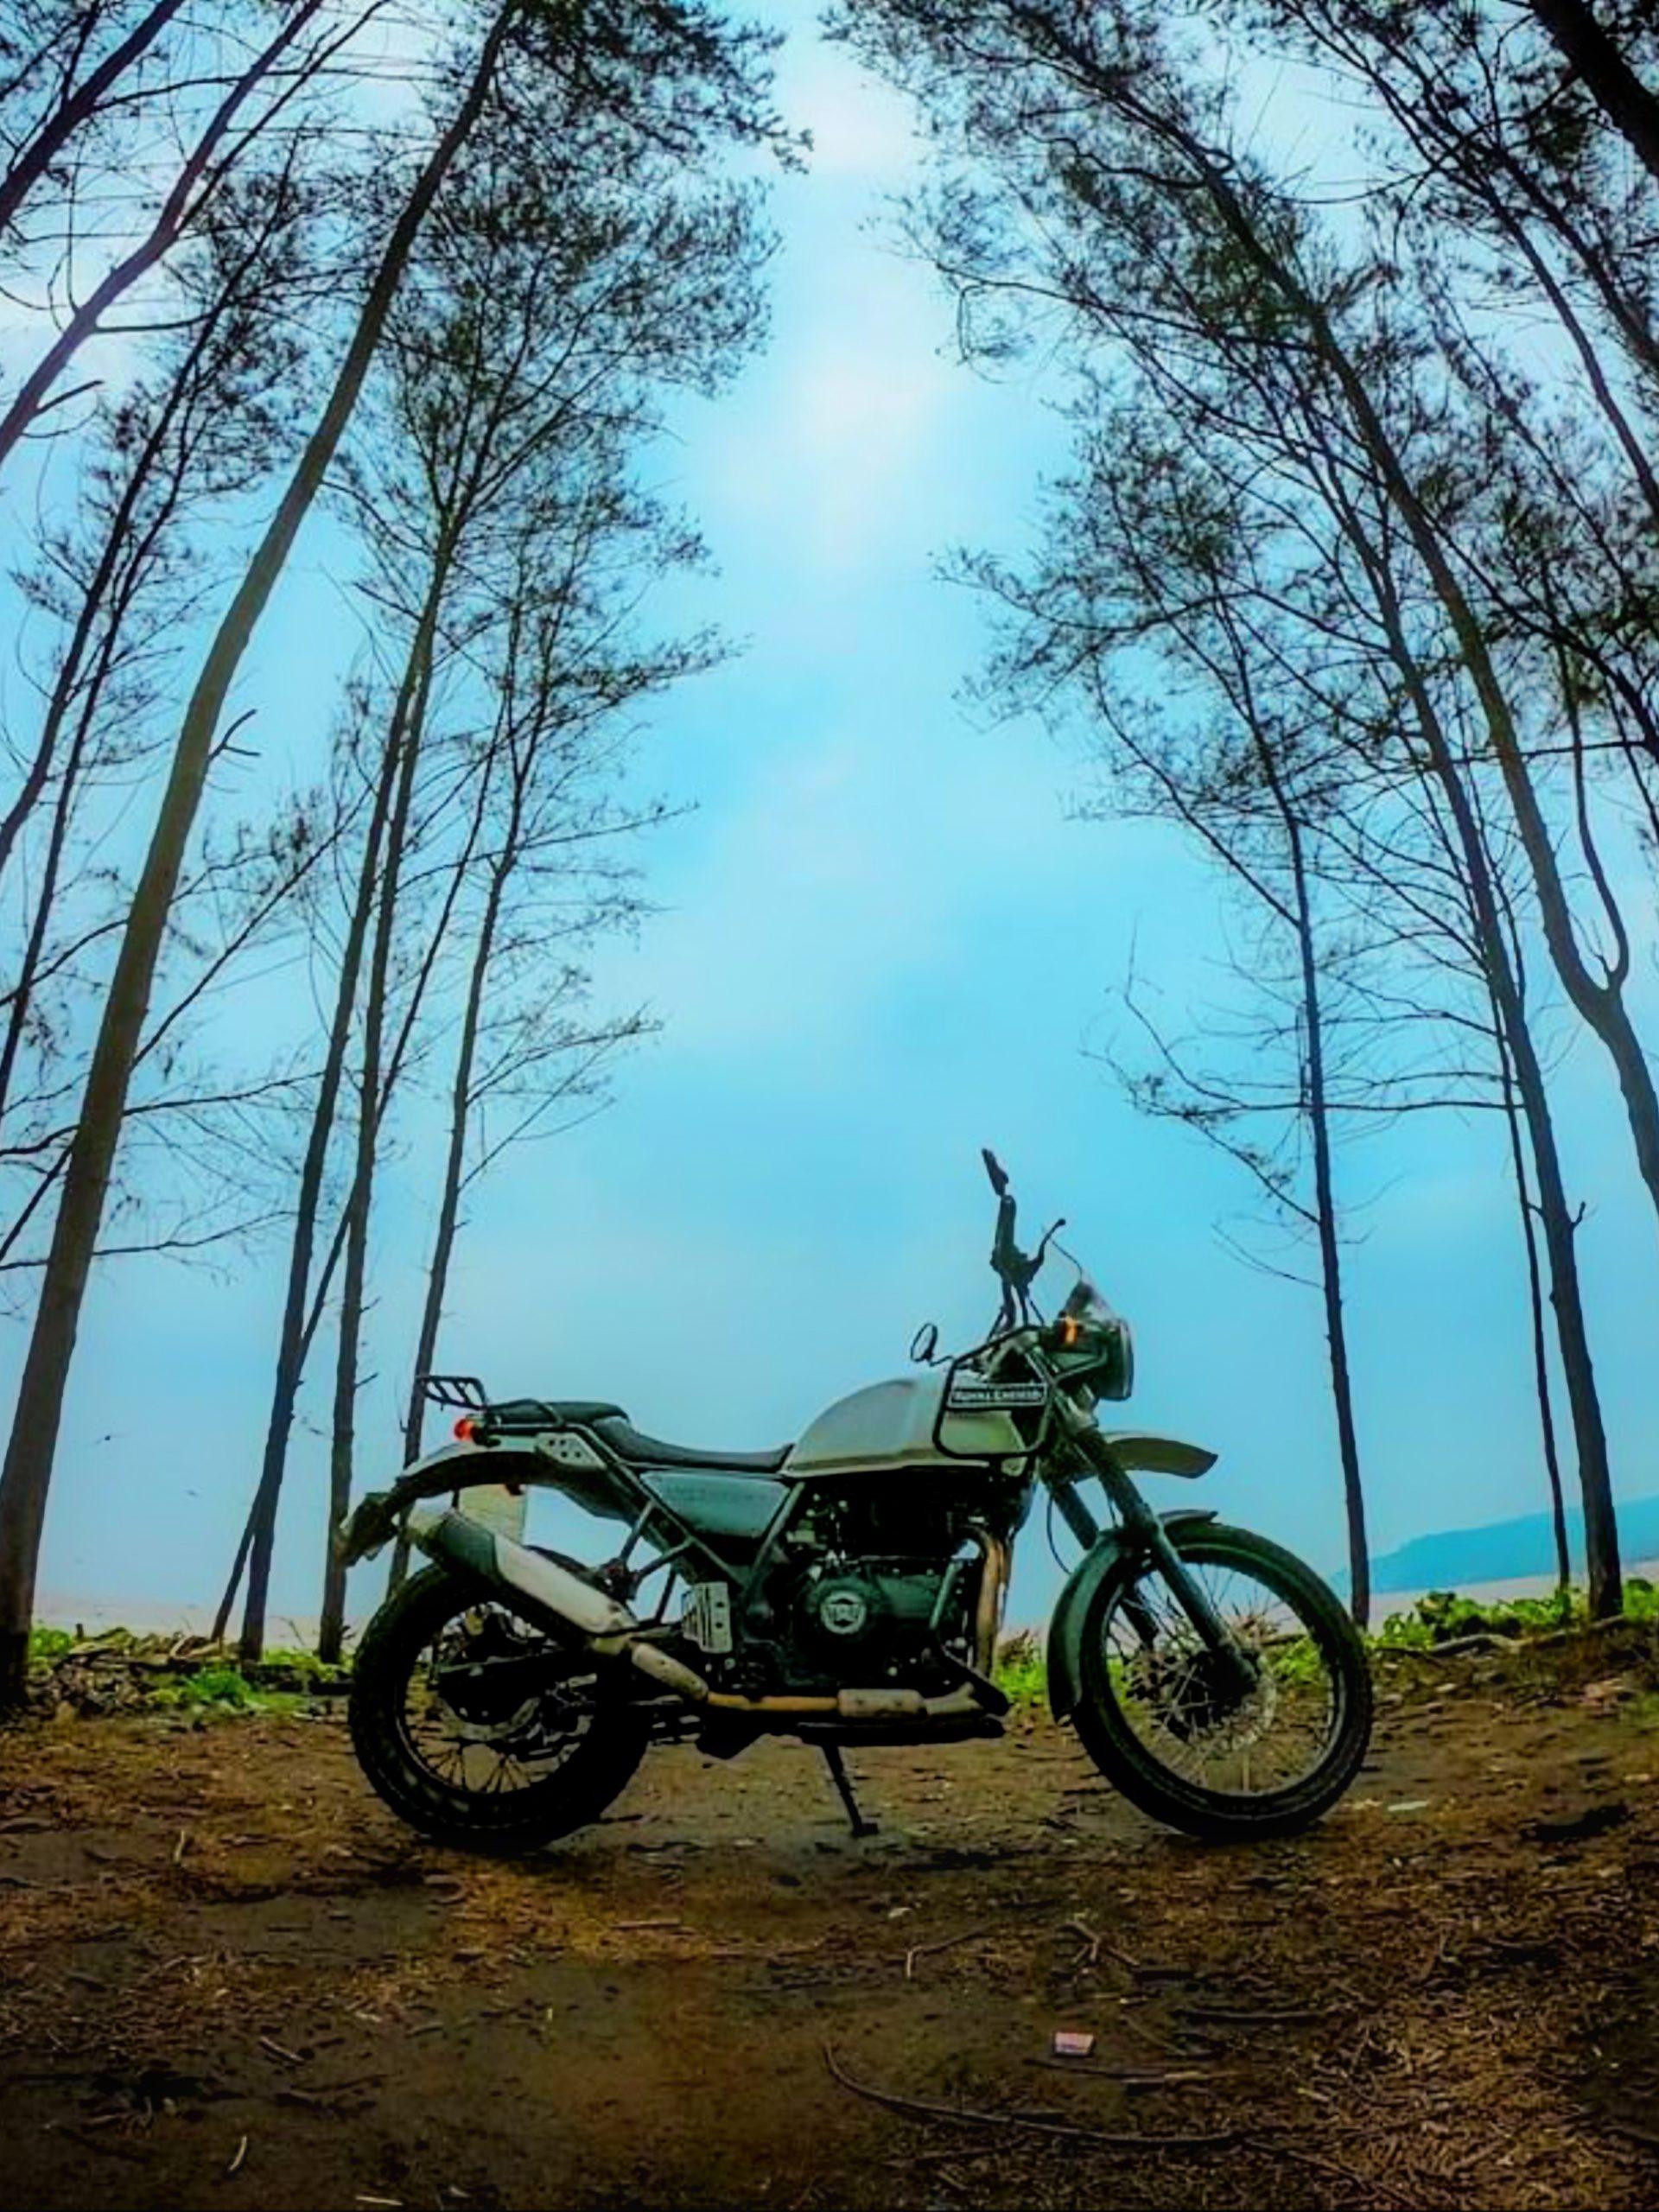 A sports bike in a jungle